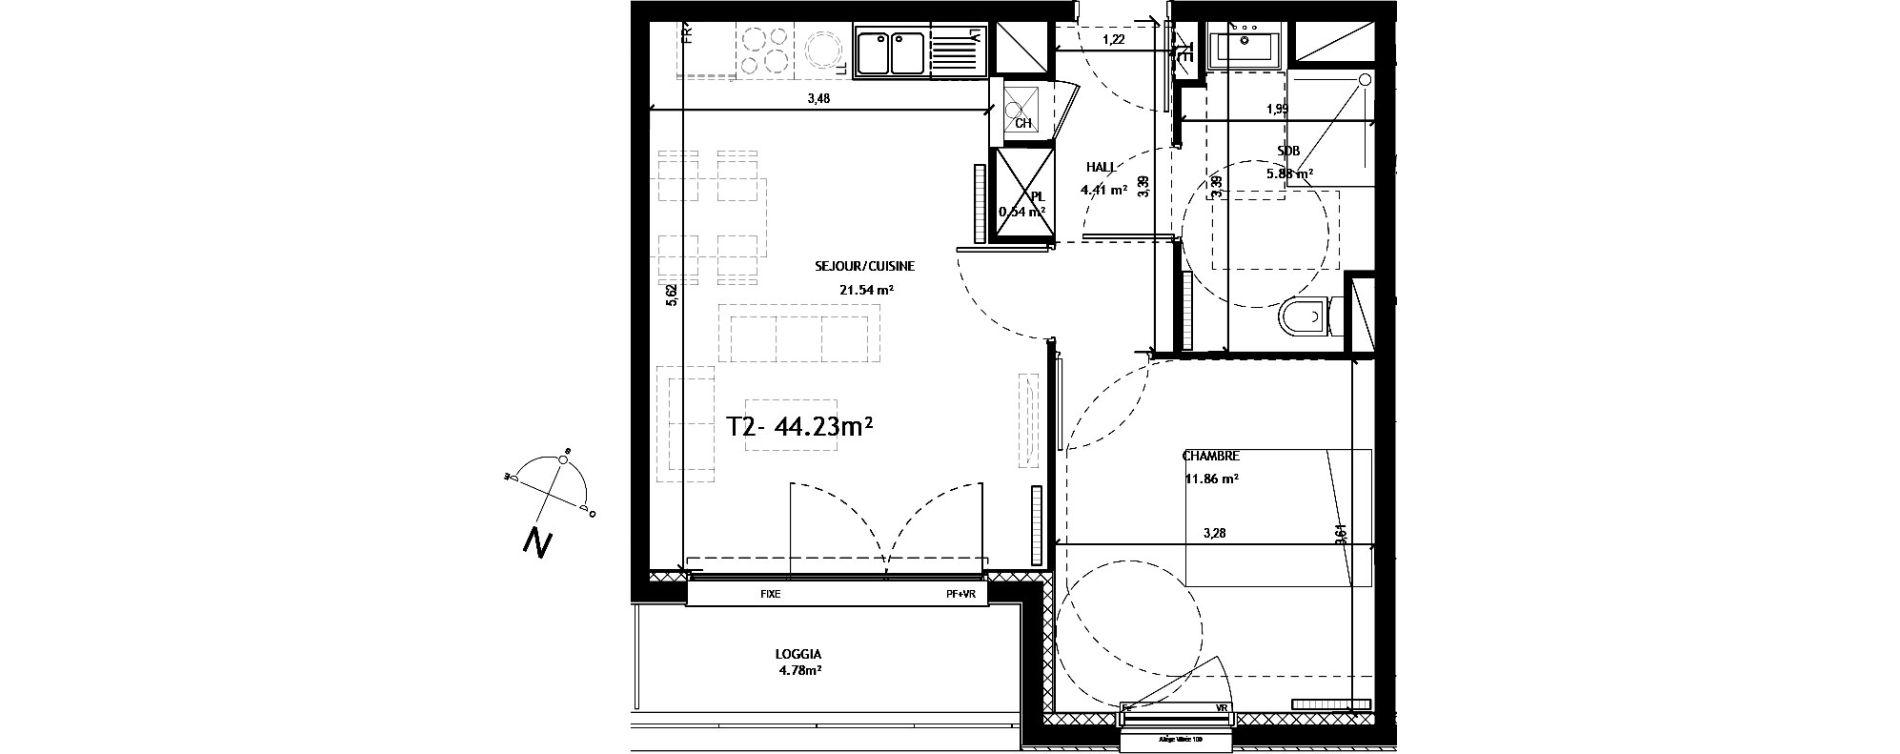 Appartement T2 de 44,23 m2 à Amiens Saint honore - jeanne d arc